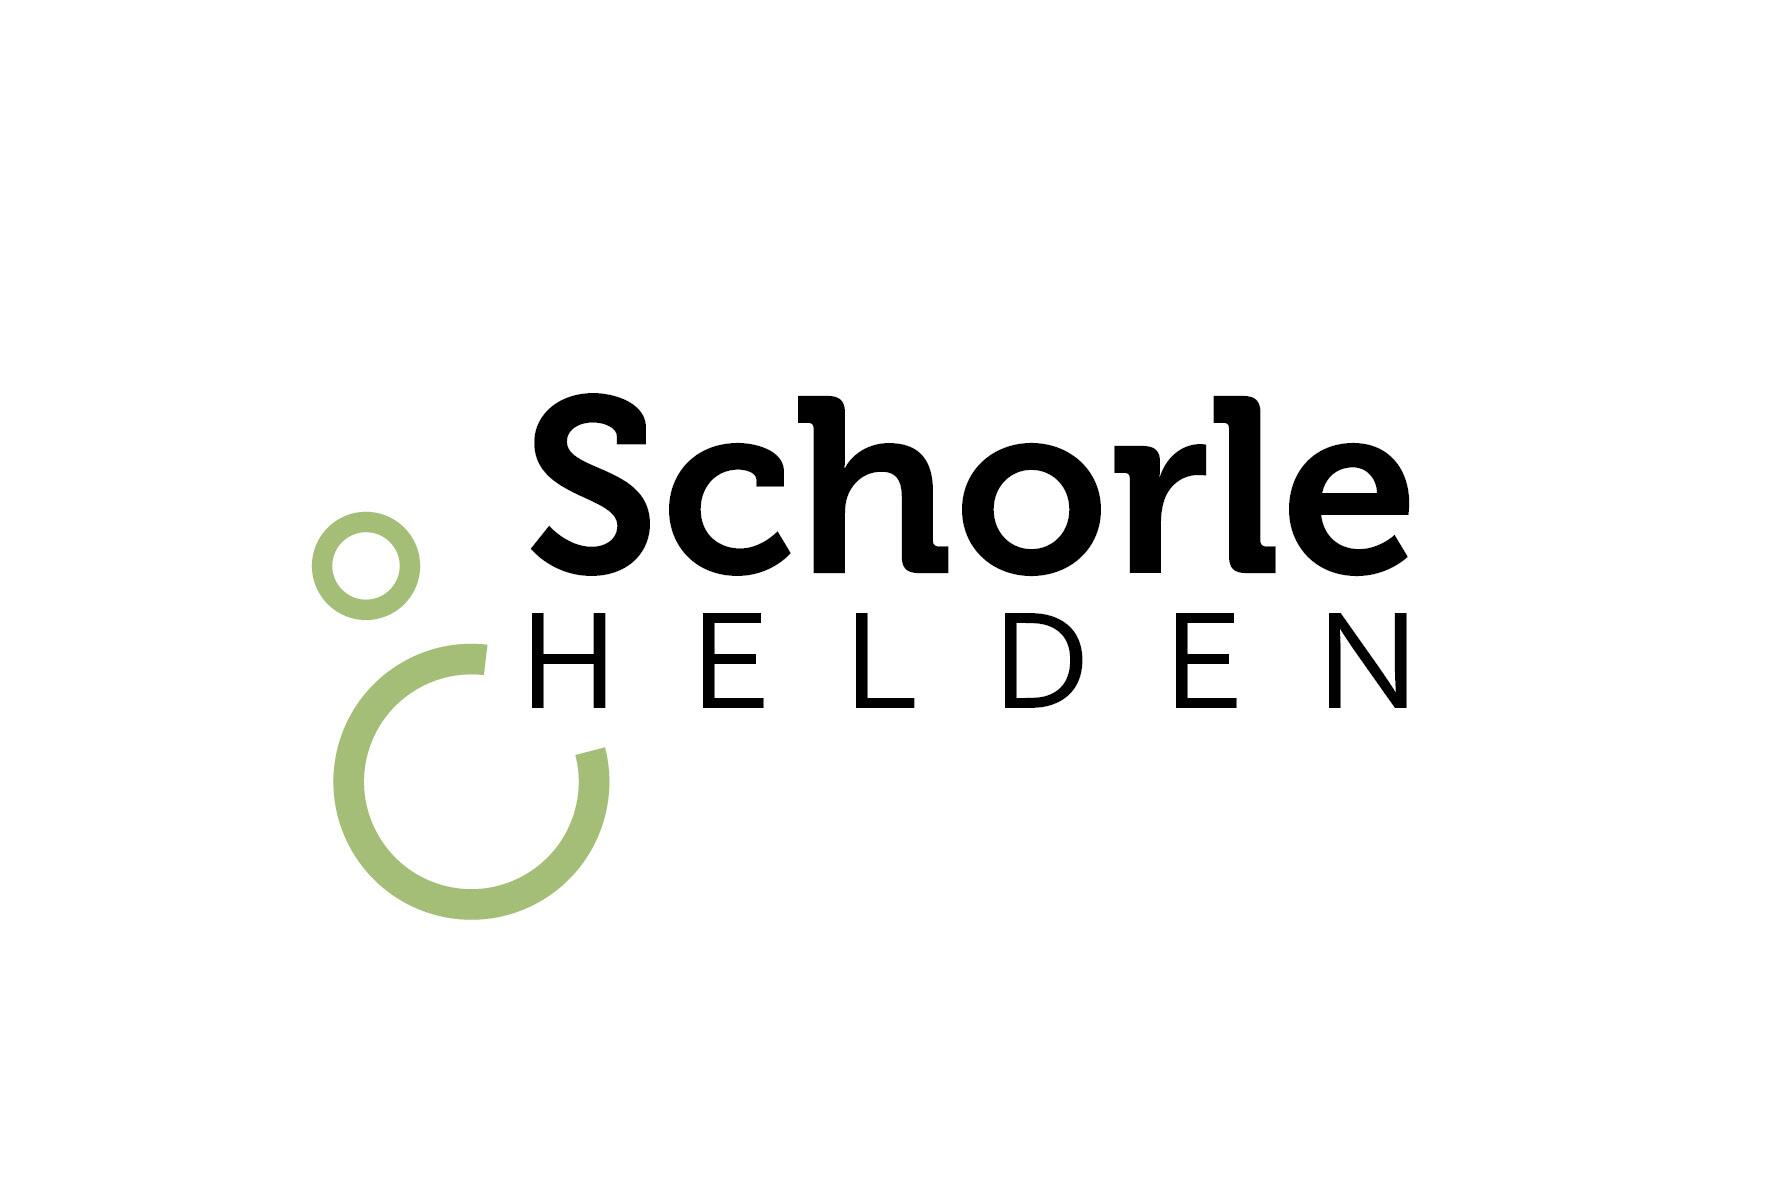 Schorle-Helden GmbH & Co.KG